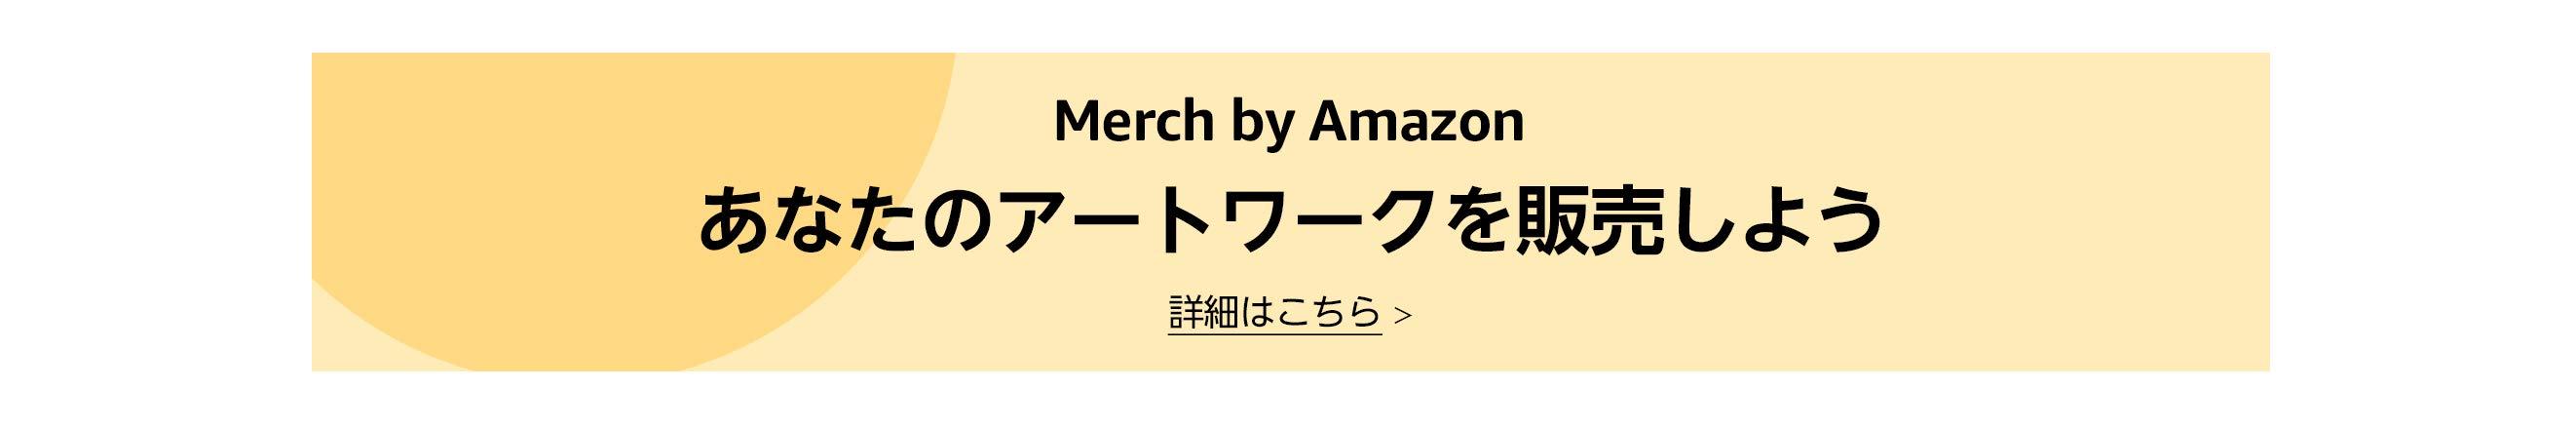 Merch by Amazon あなたのアートワークを販売しよう